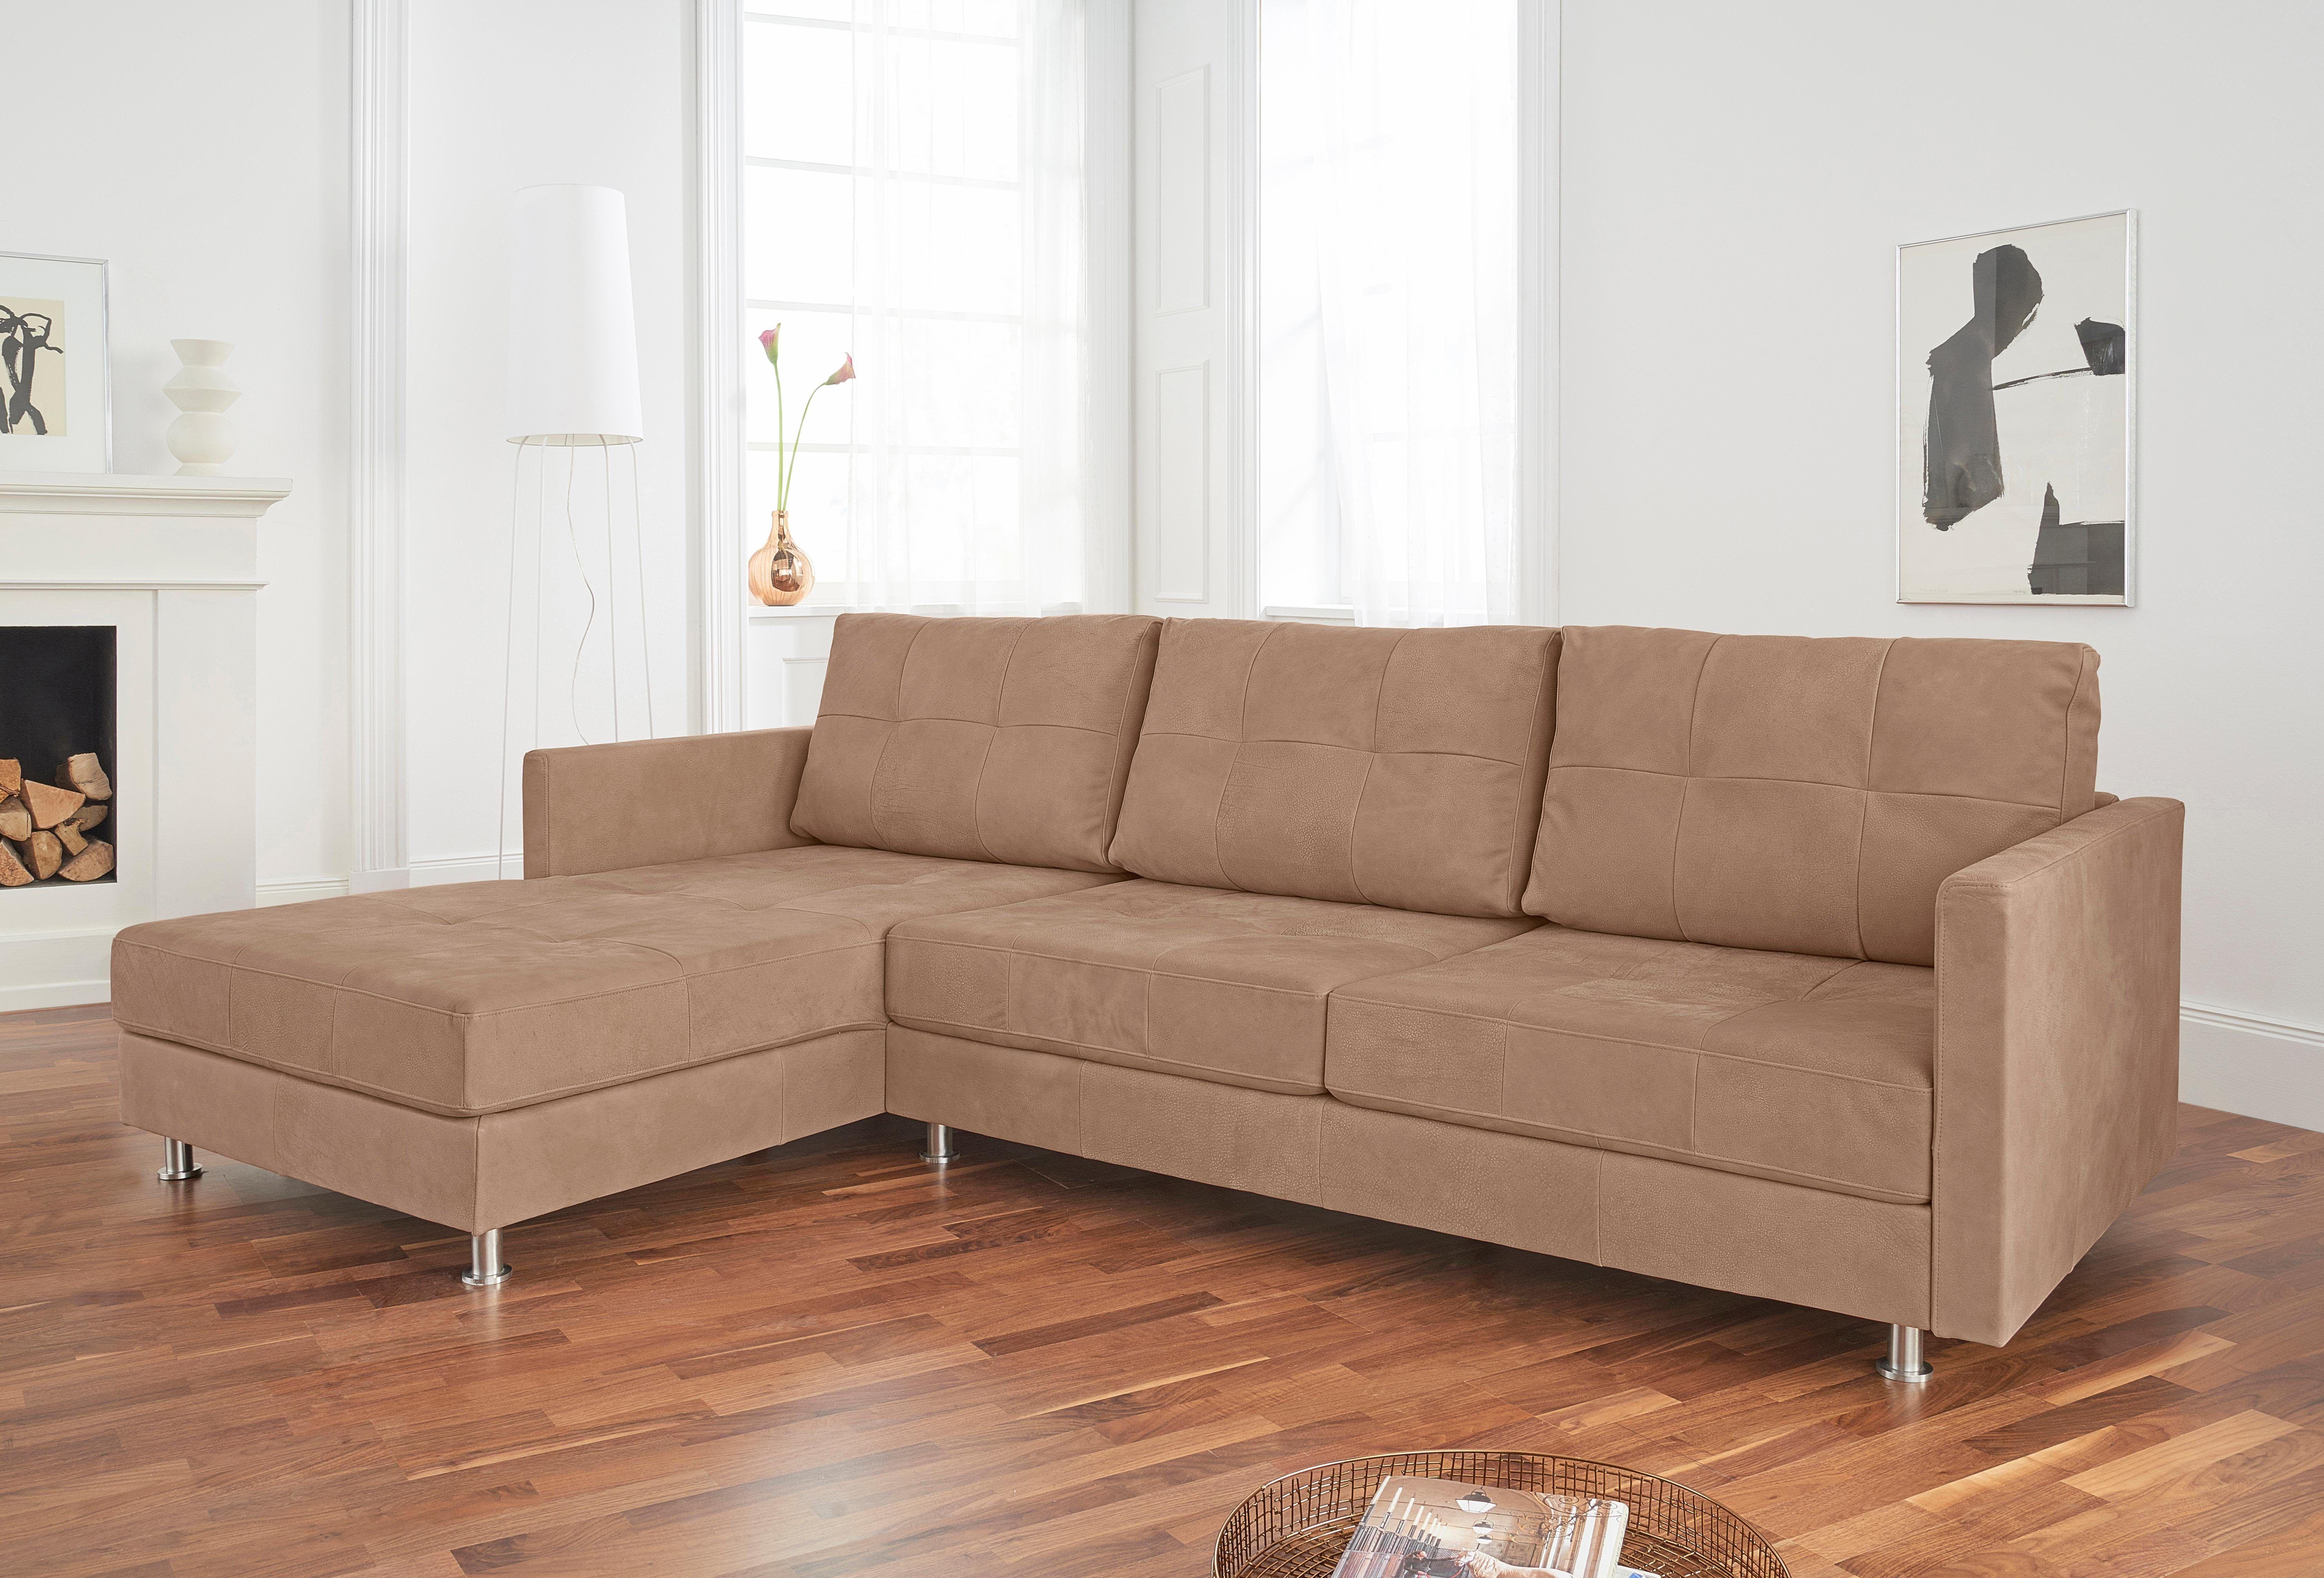 Einzigartig Grau Weiße Couch Ideen